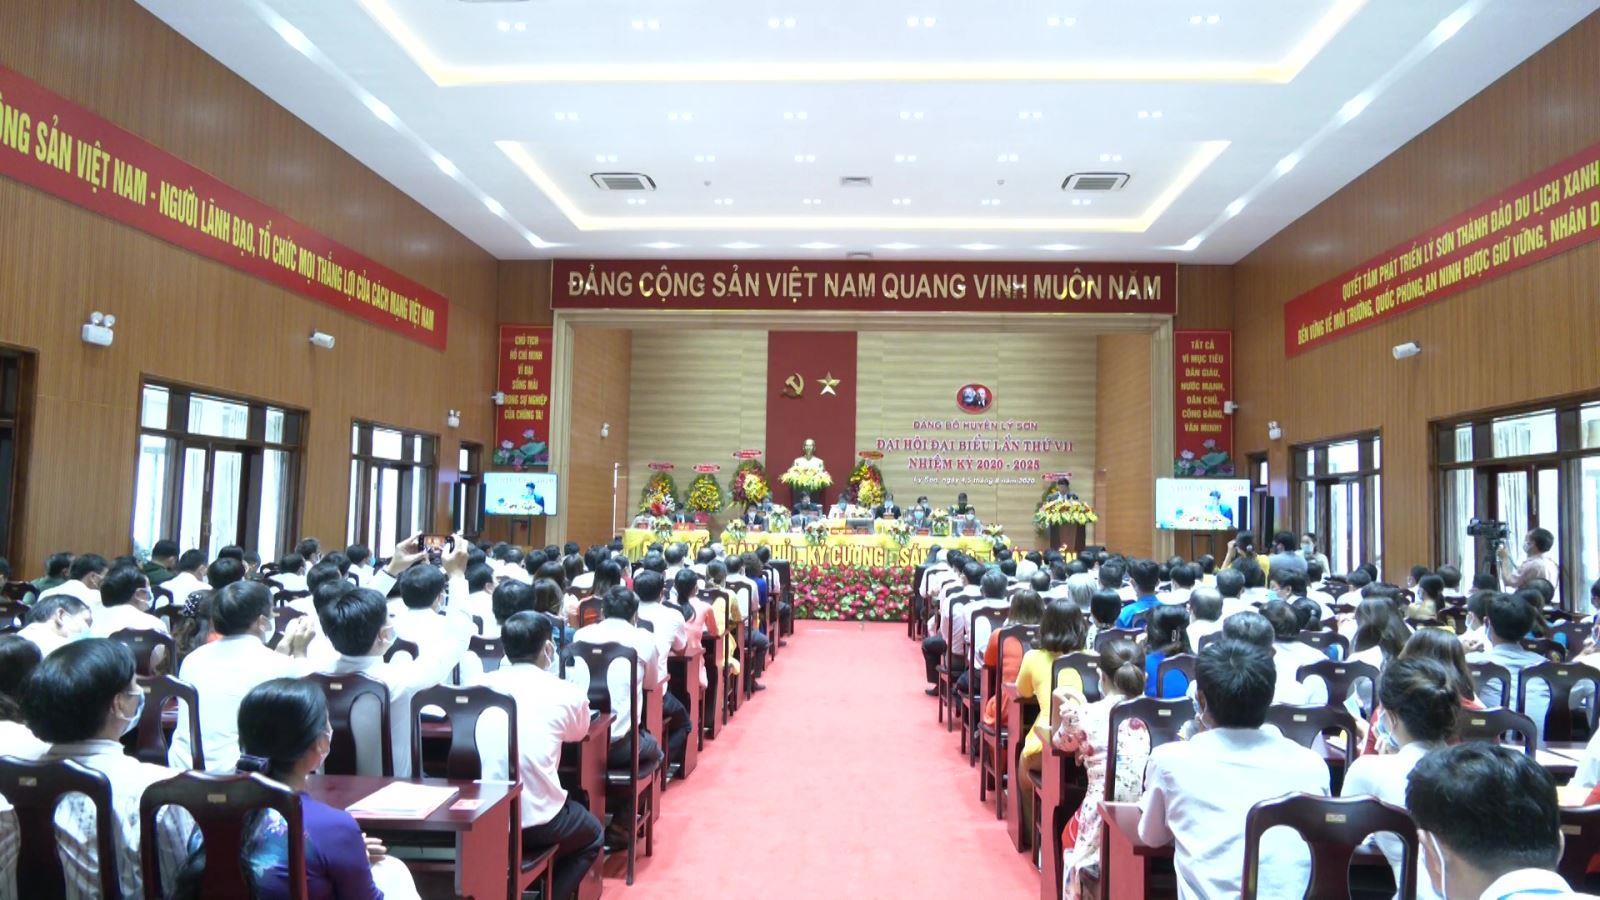 Đại hội đại biểu Đảng bộ huyện Lý Sơn lần thứ VII thành công tốt đẹp